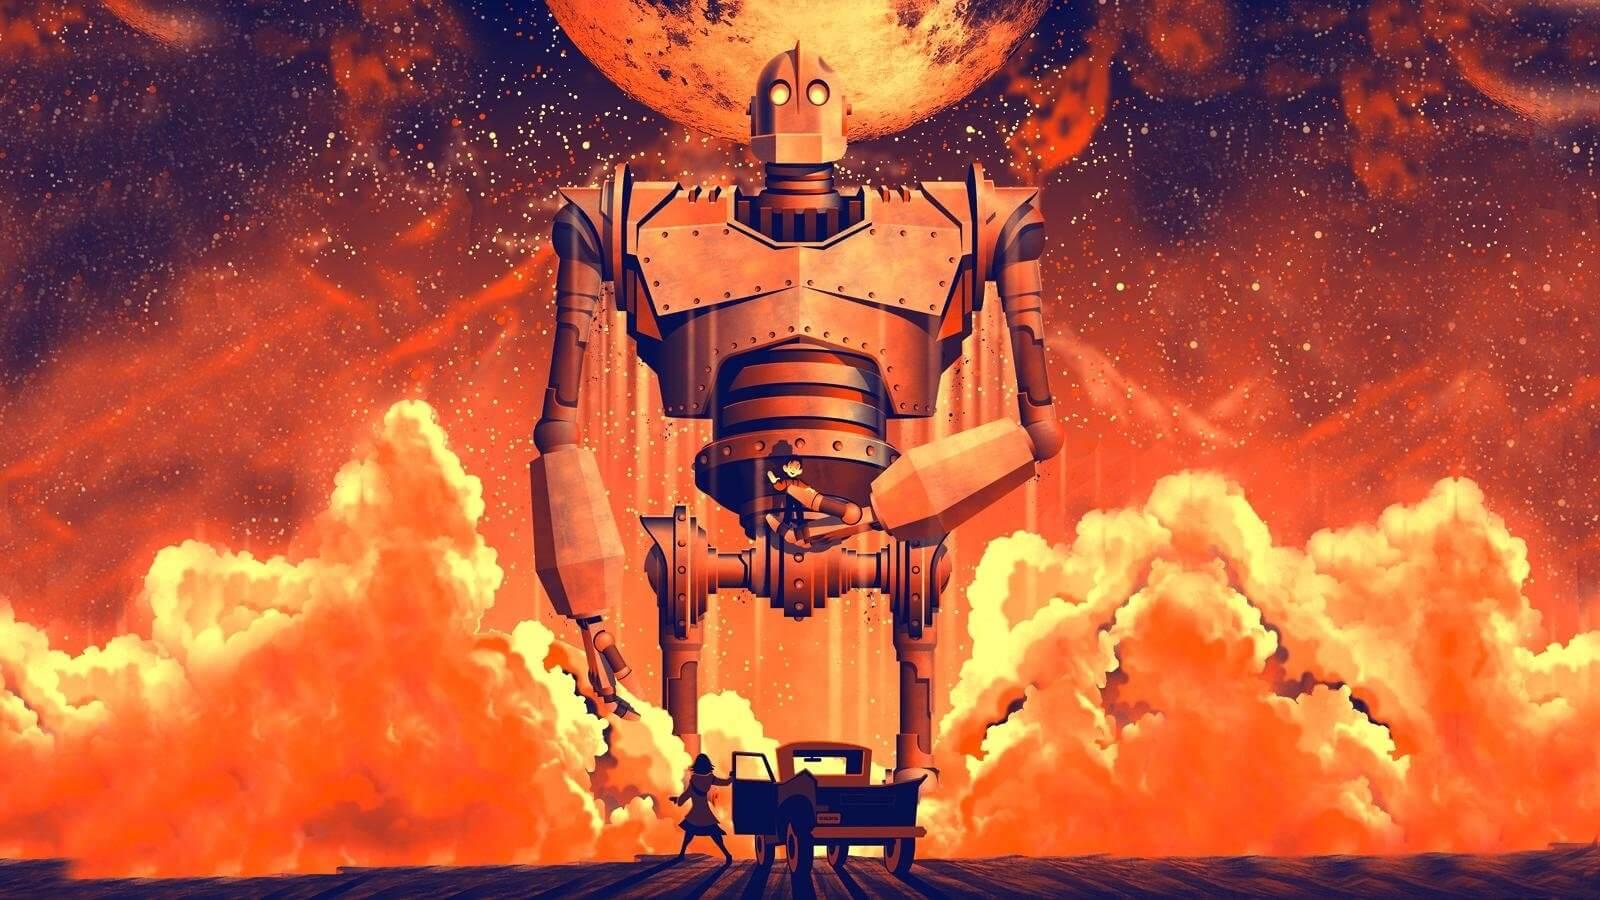 iron-giant-1999-movie-art